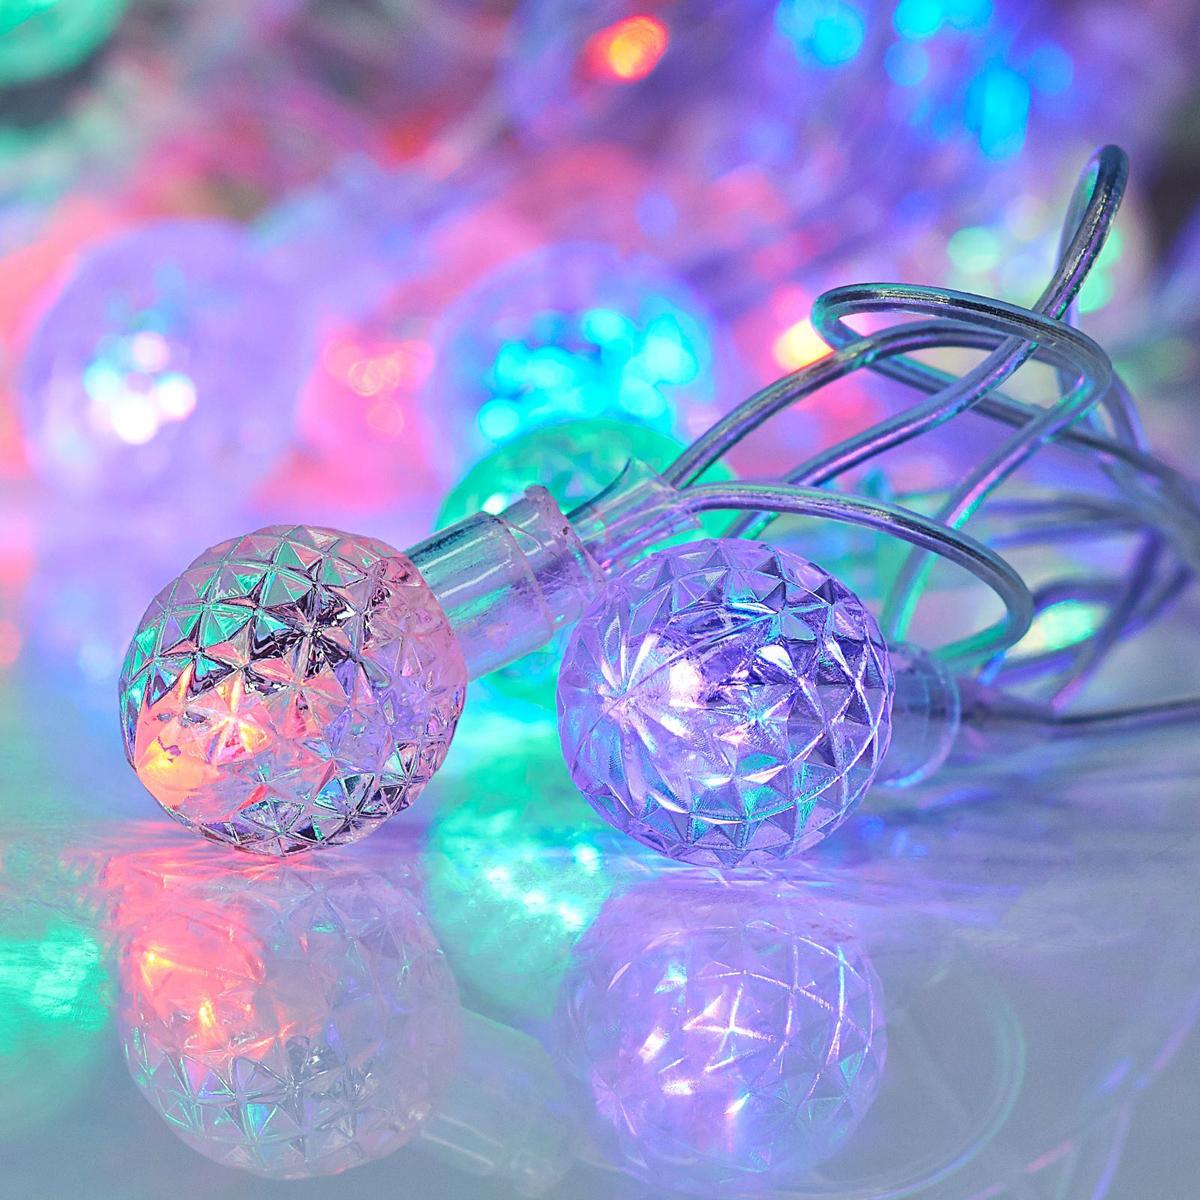 Гирлянда светодиодная Luazon Метраж. Фонарики, 20 ламп, 220 V, длина 5 м671582Светодиодные гирлянды и ленты — это отличный вариант для новогоднего оформления интерьера или фасада. С их помощью помещение любого размера можно превратить в праздничный зал, а внешние элементы зданий, украшенные ими, мгновенно станут напоминать очертания сказочного дворца. Такие украшения создают ауру предвкушения чуда. Деревья, фасады, витрины, окна и арки будто специально созданы, чтобы вы украсили их светящимися нитями.